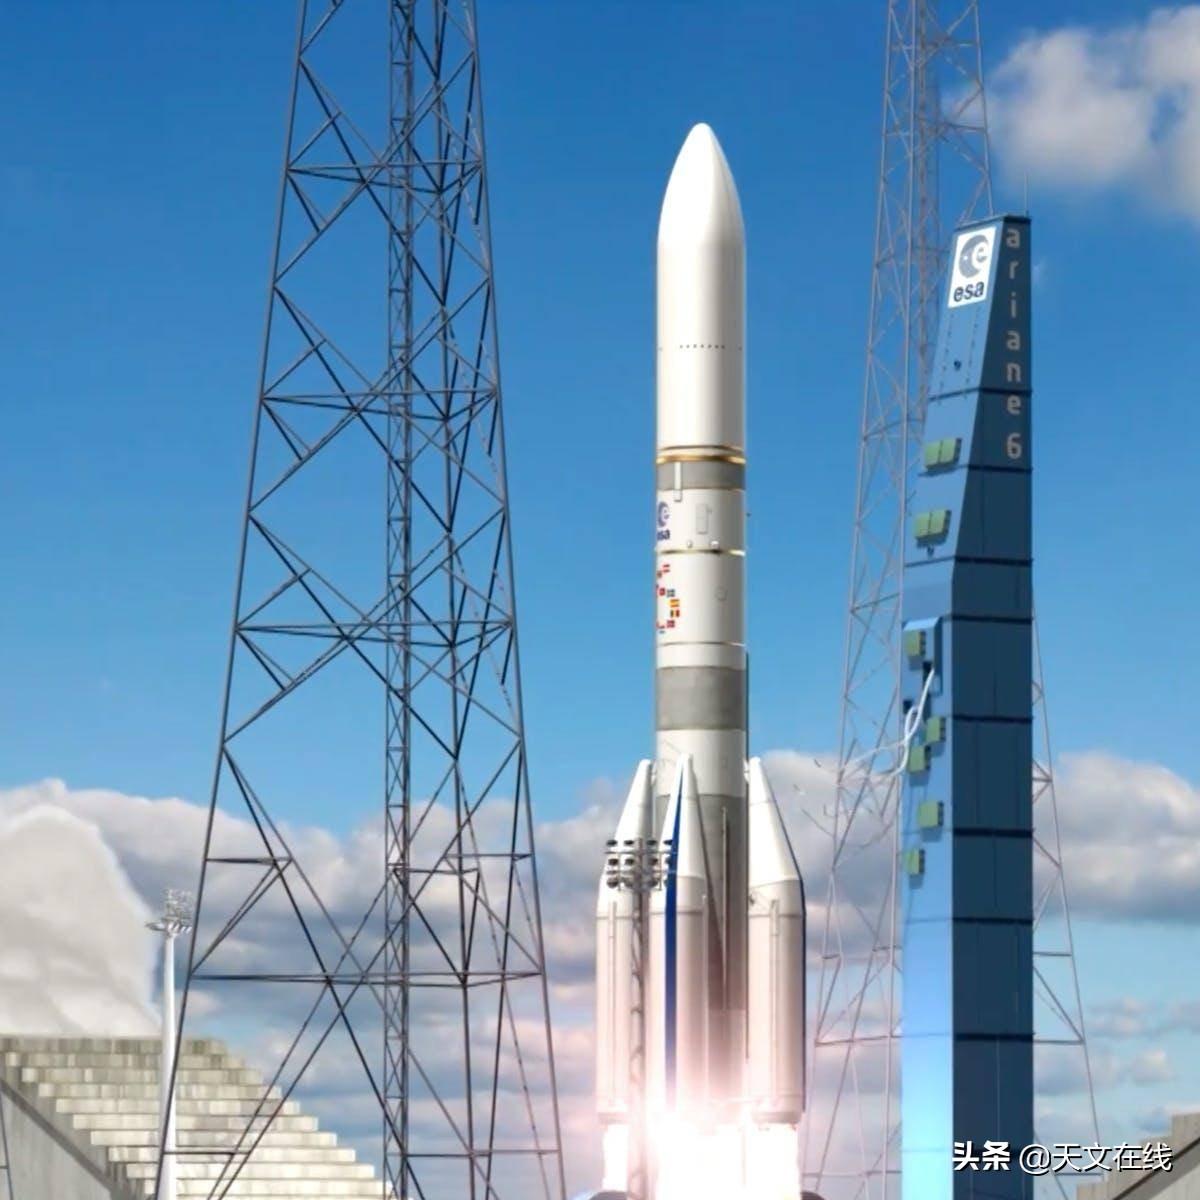 随着欧洲标志性的火箭40岁了,欧洲航天局准备迎接新时代